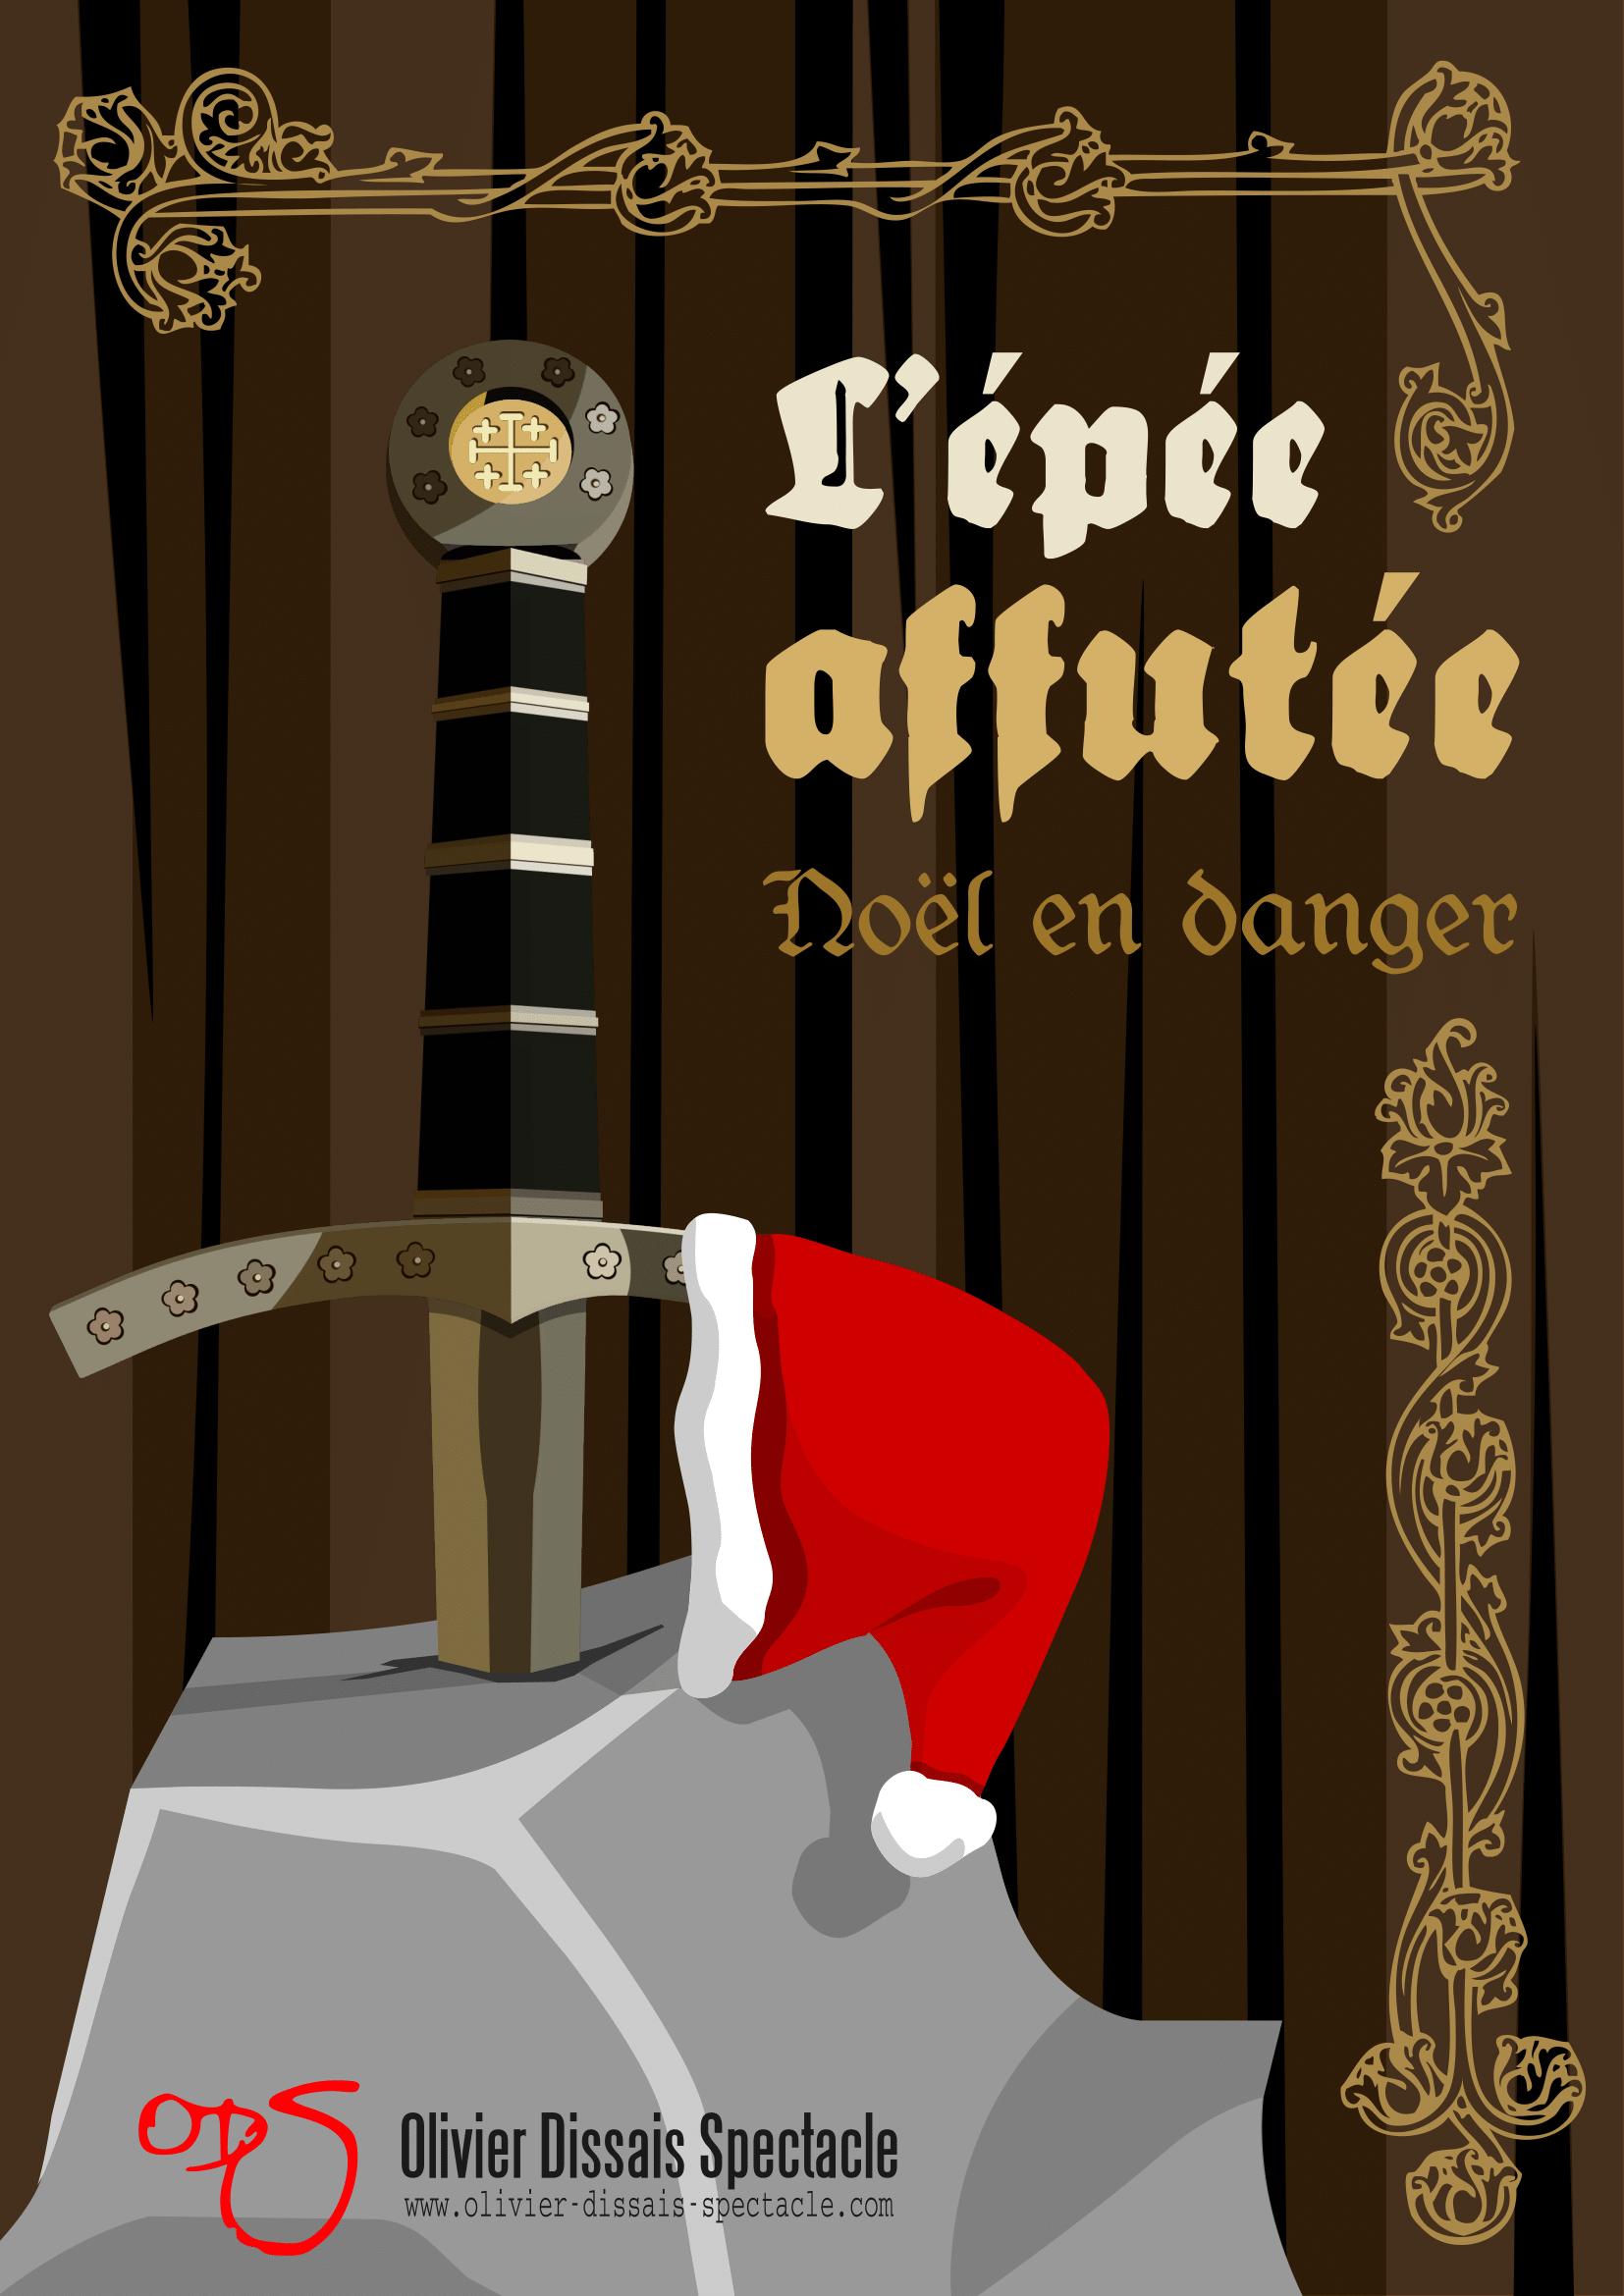 l'épée affutée noël en danger